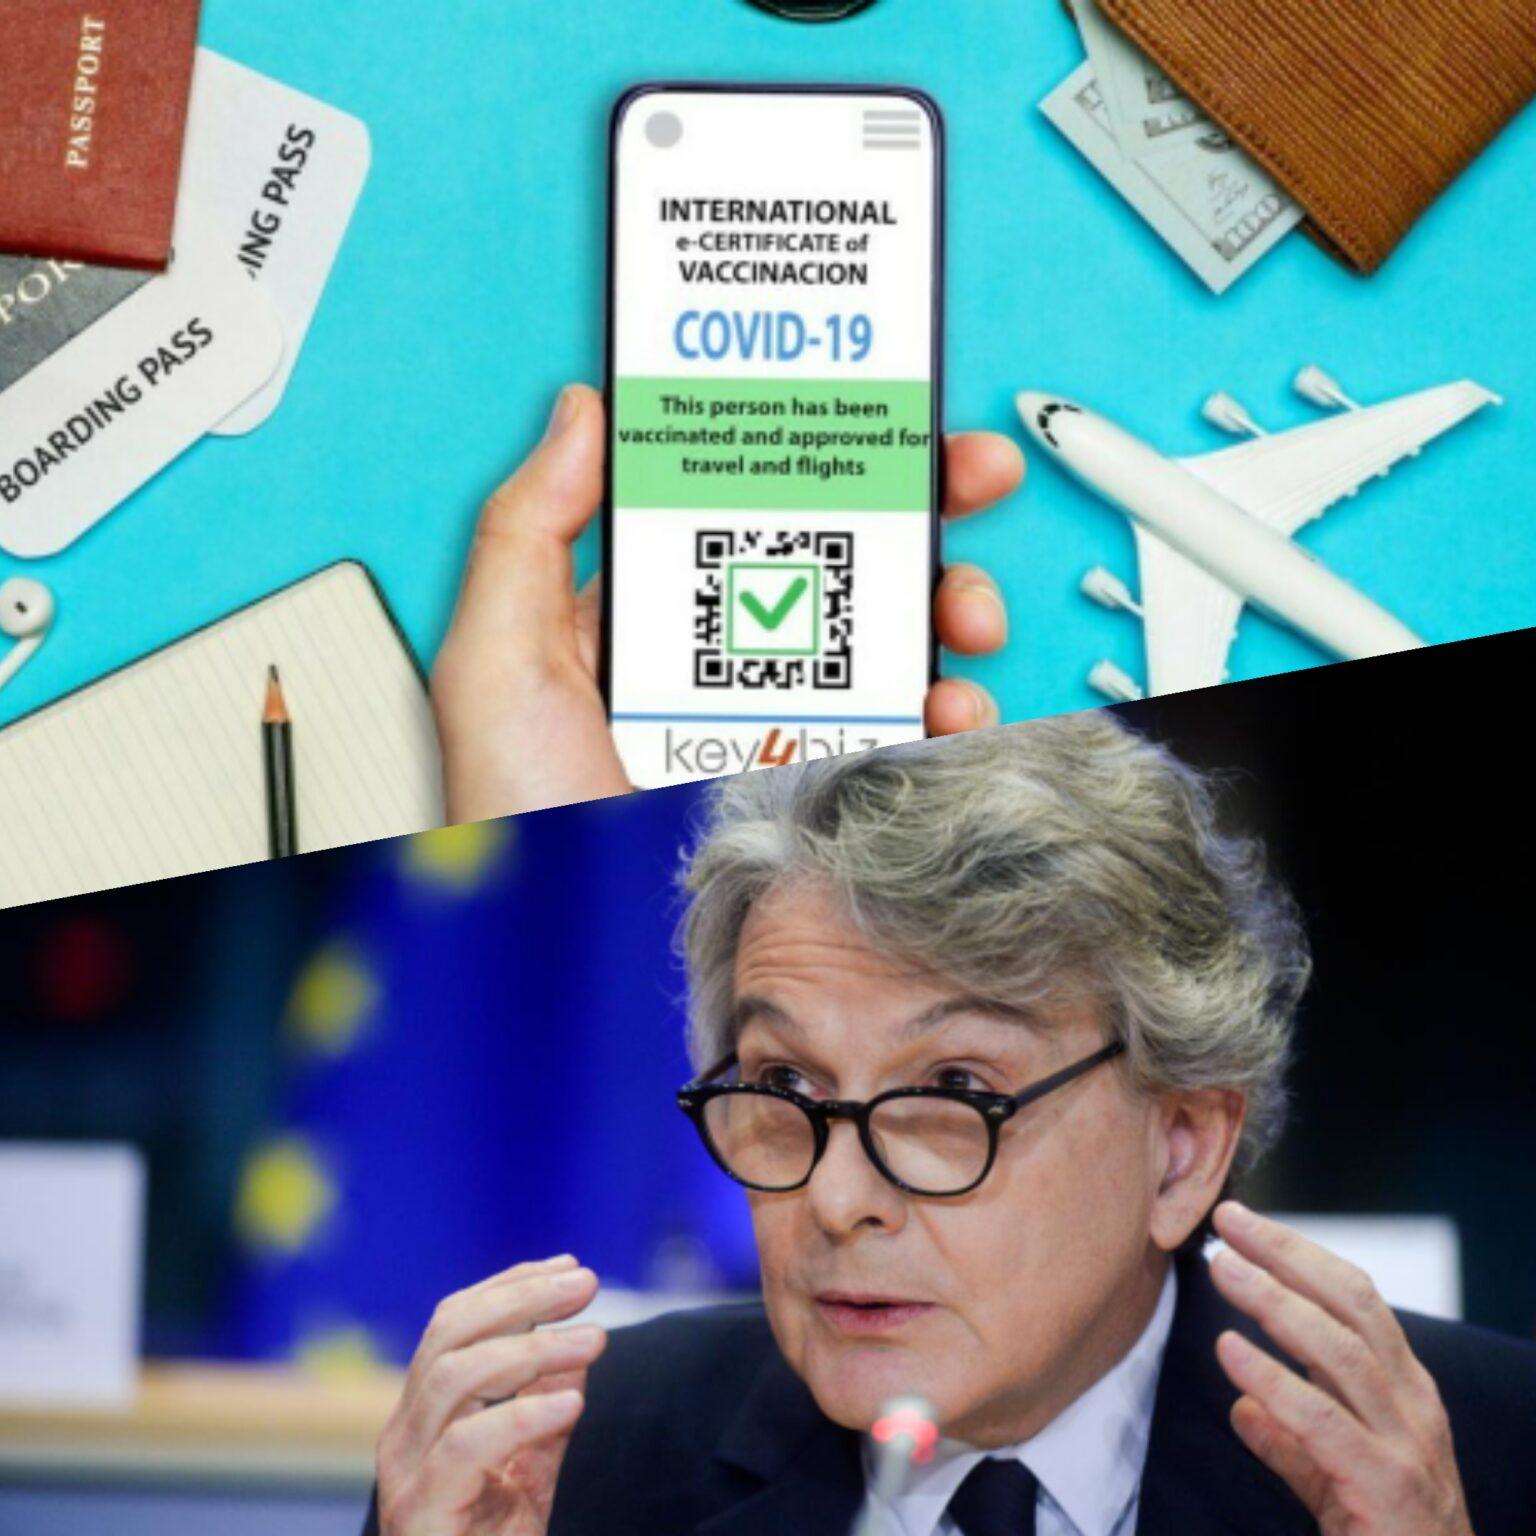 Foto del certificato vaccinale europeo e Thierry Breton